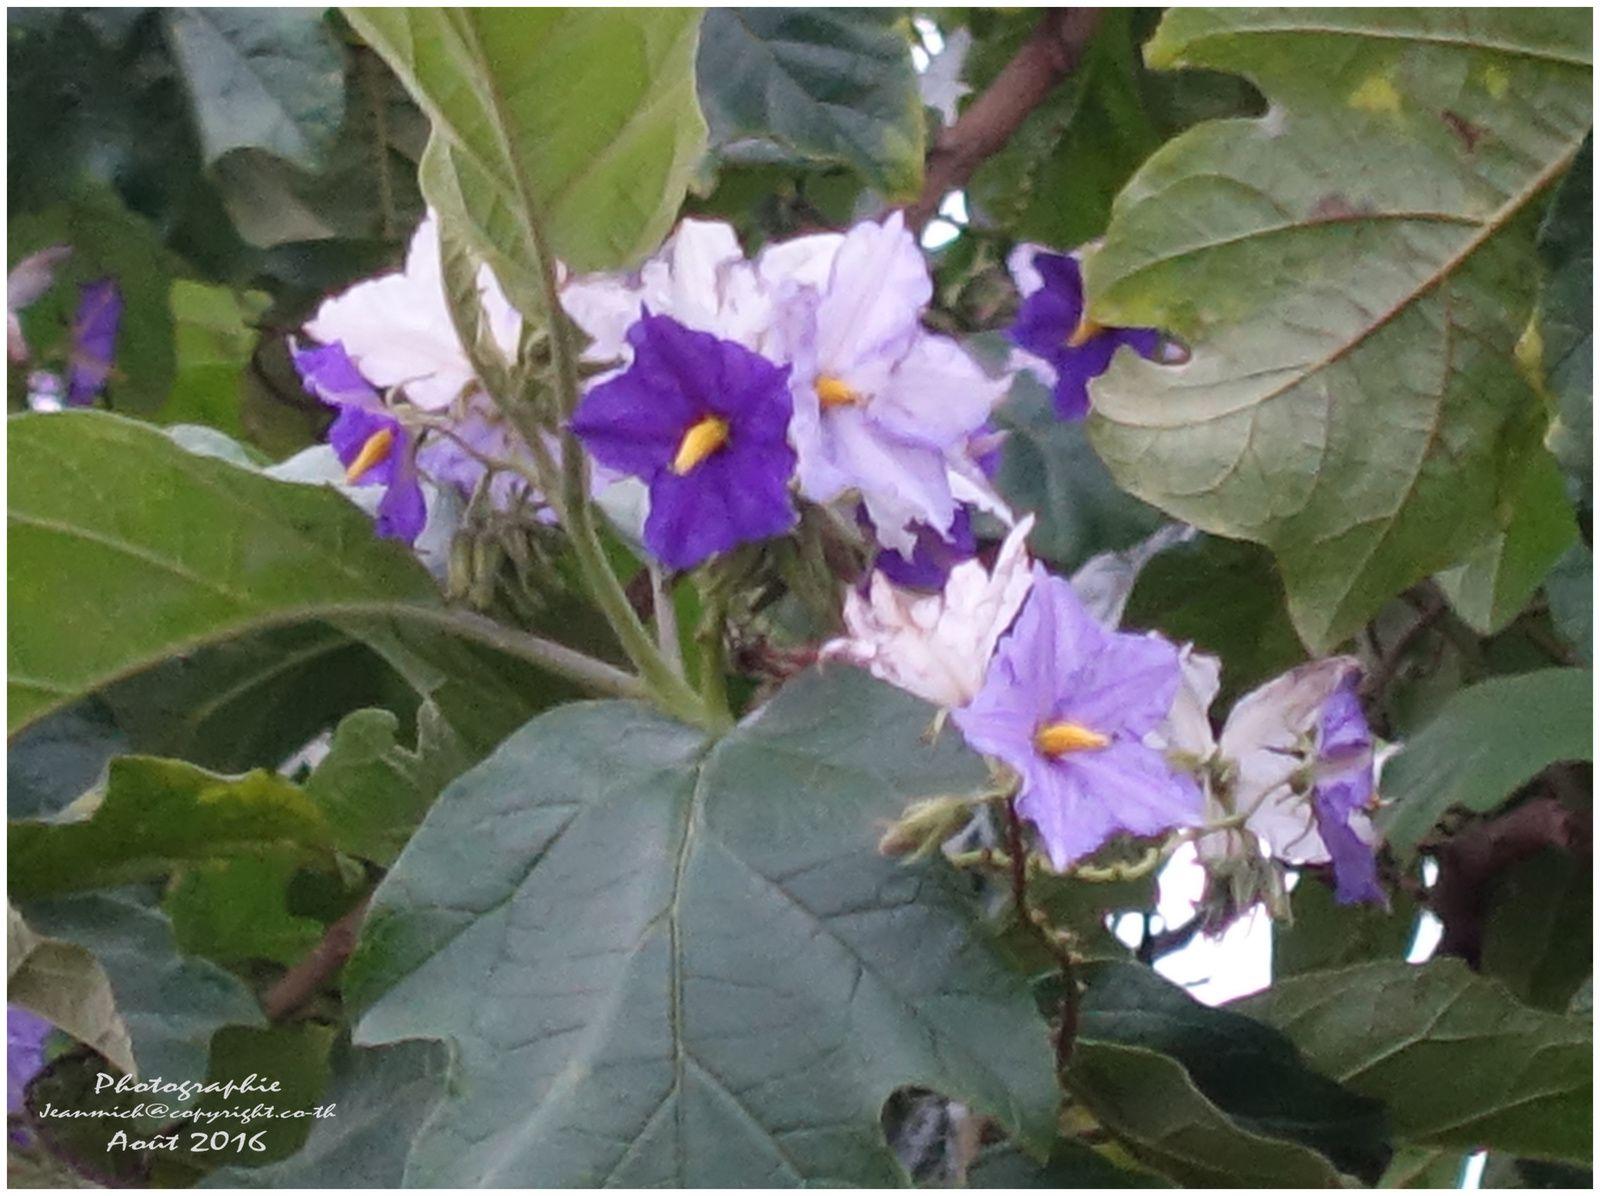 un arbre avec des fleurs bi-colores....